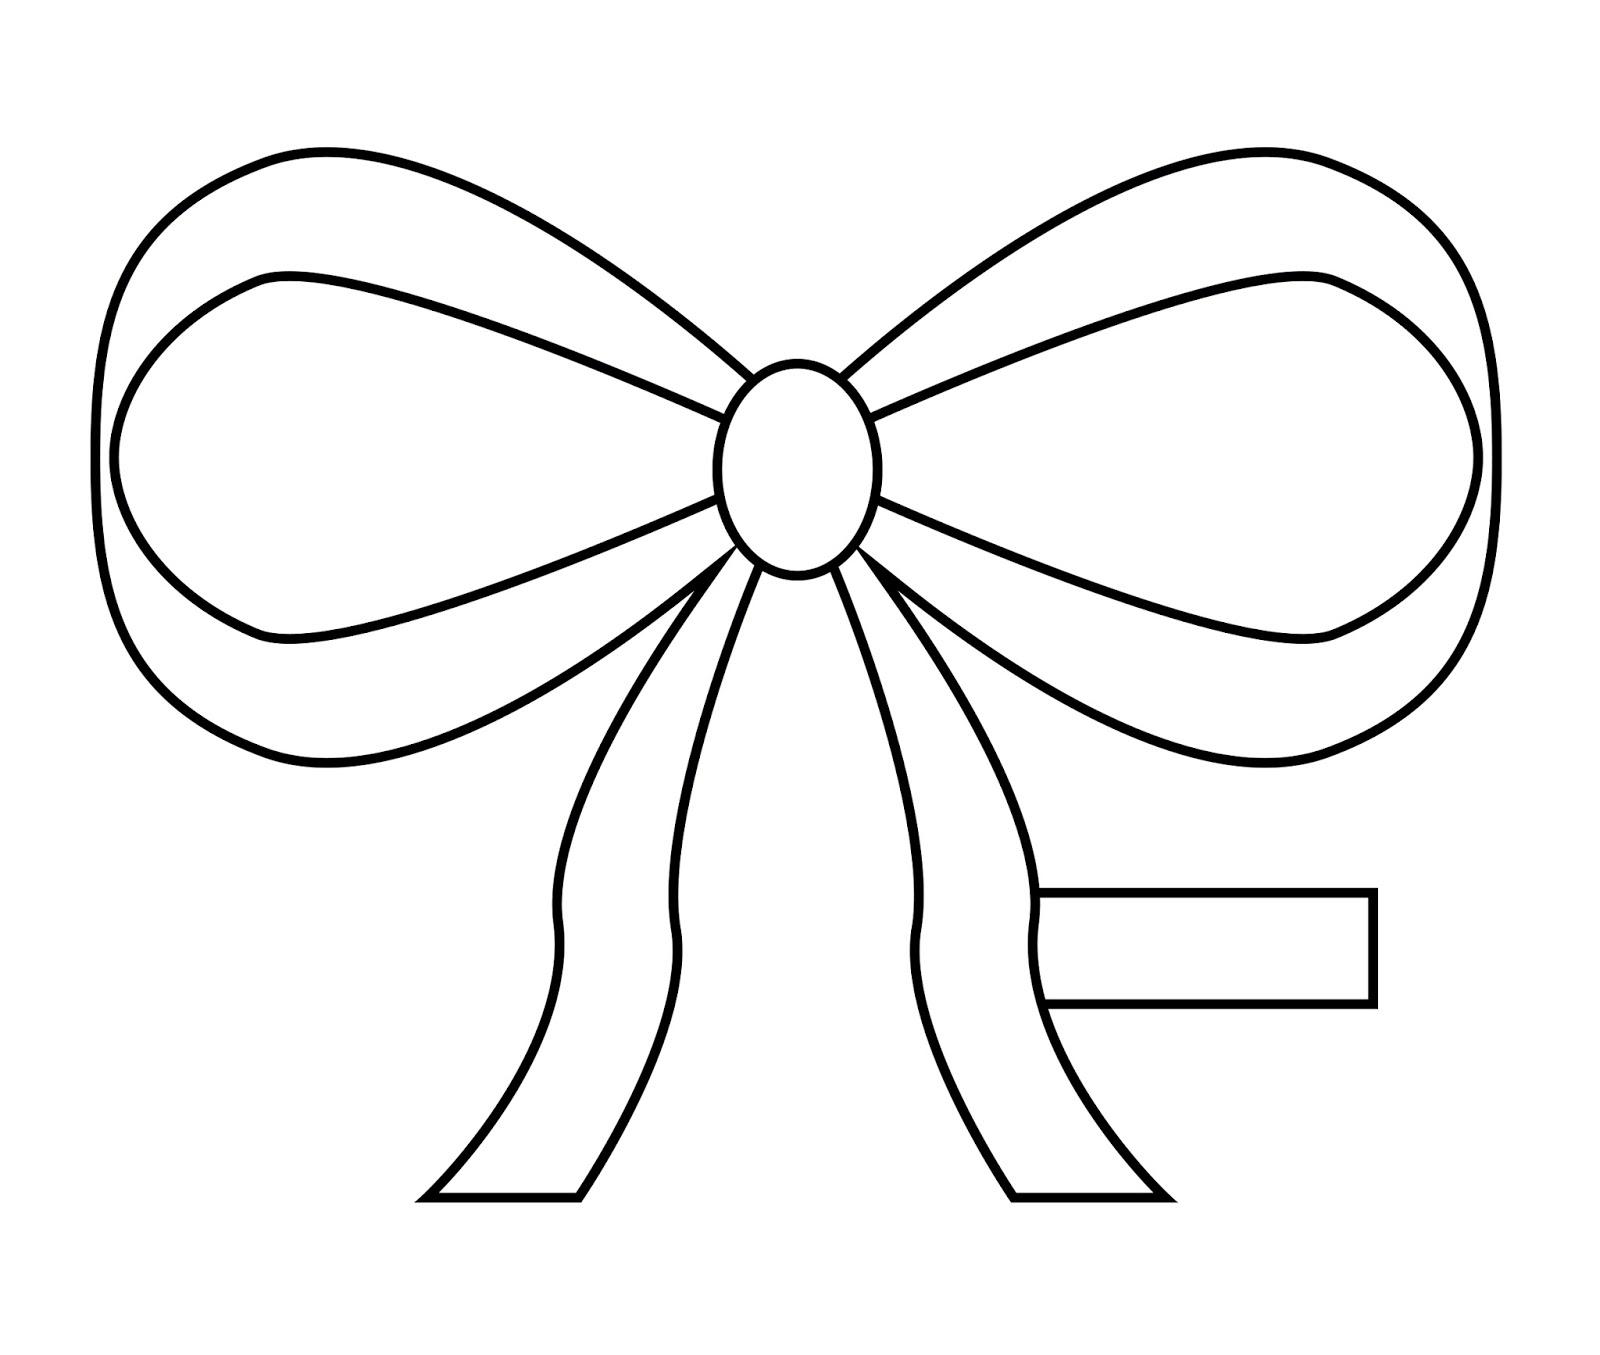 Photocall infantil 6 ideas y plantillas gratis la for Dibujo de lazo de navidad